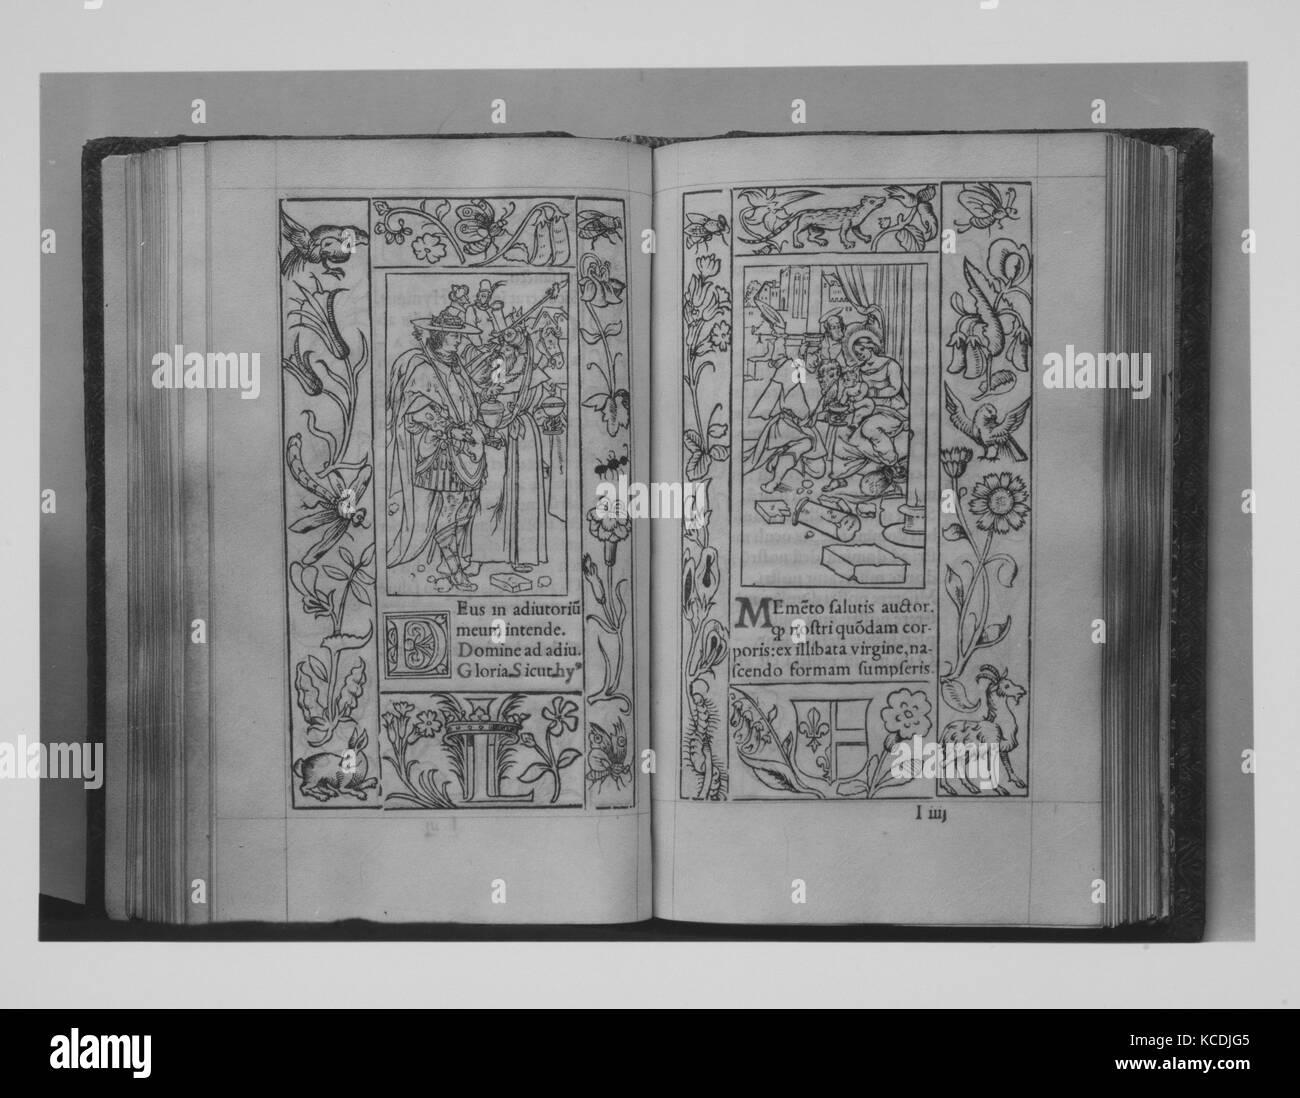 Horae in Laudem B V M ad usum Romanum, 1541, Woodcuts, Books - Stock Image